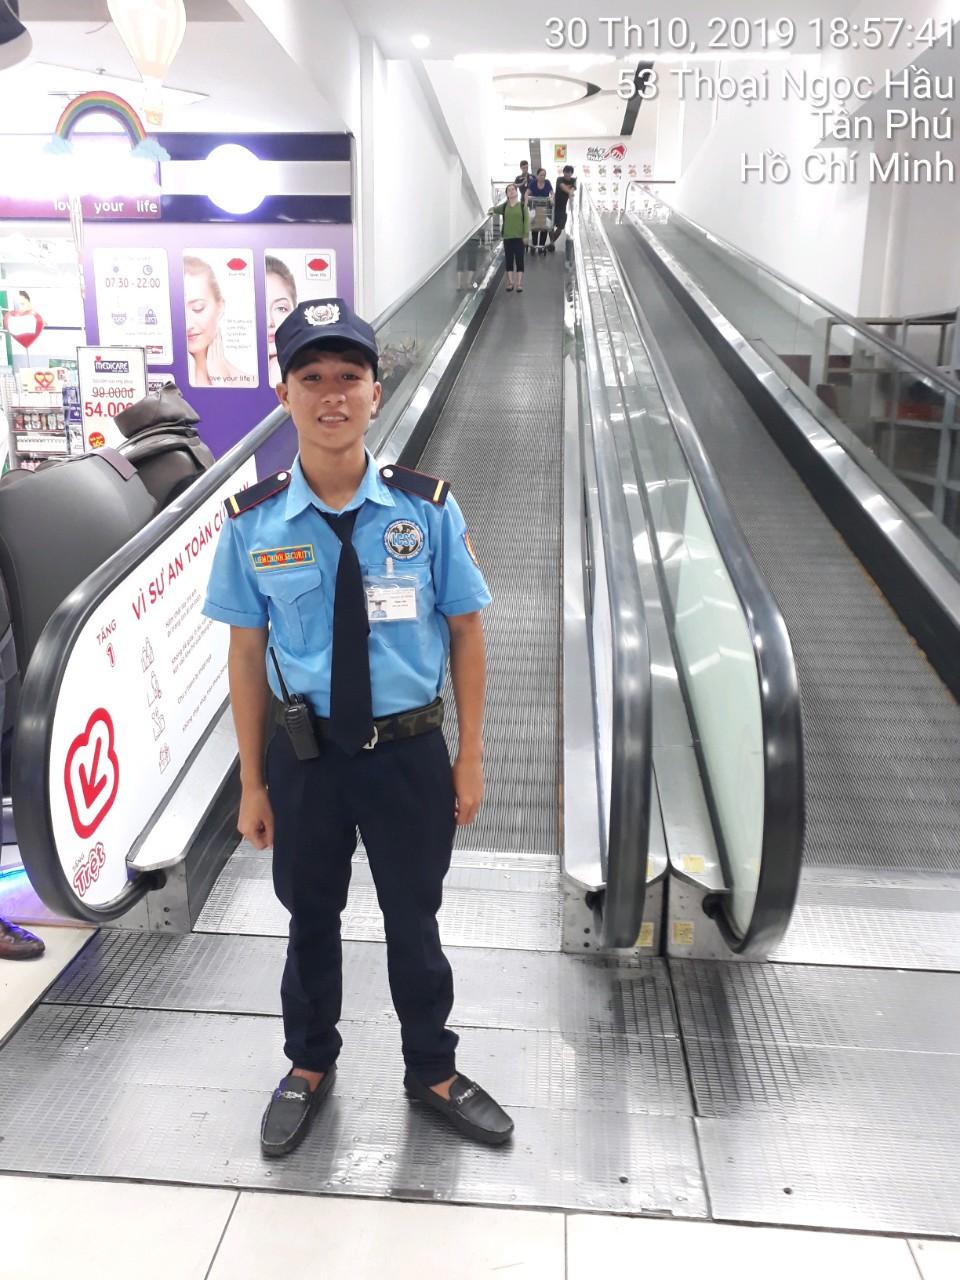 Dịch vụ bảo vệ chuyên nghiệp Long An